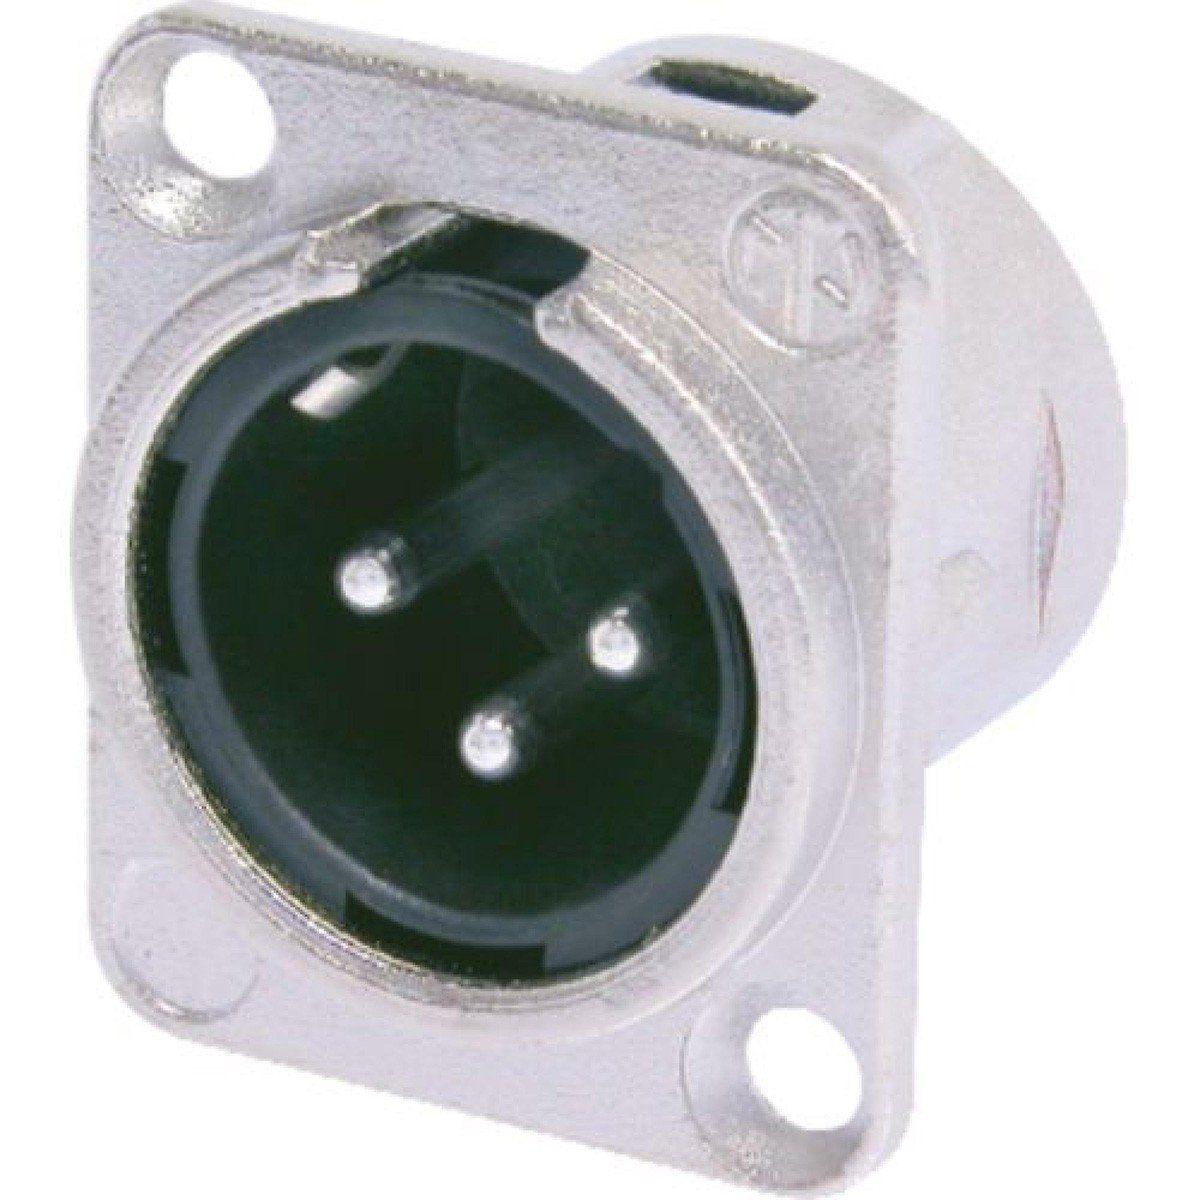 Neutrik NC3MDL1 Conector Xlr Macho NC3MDL1 3 Pinos